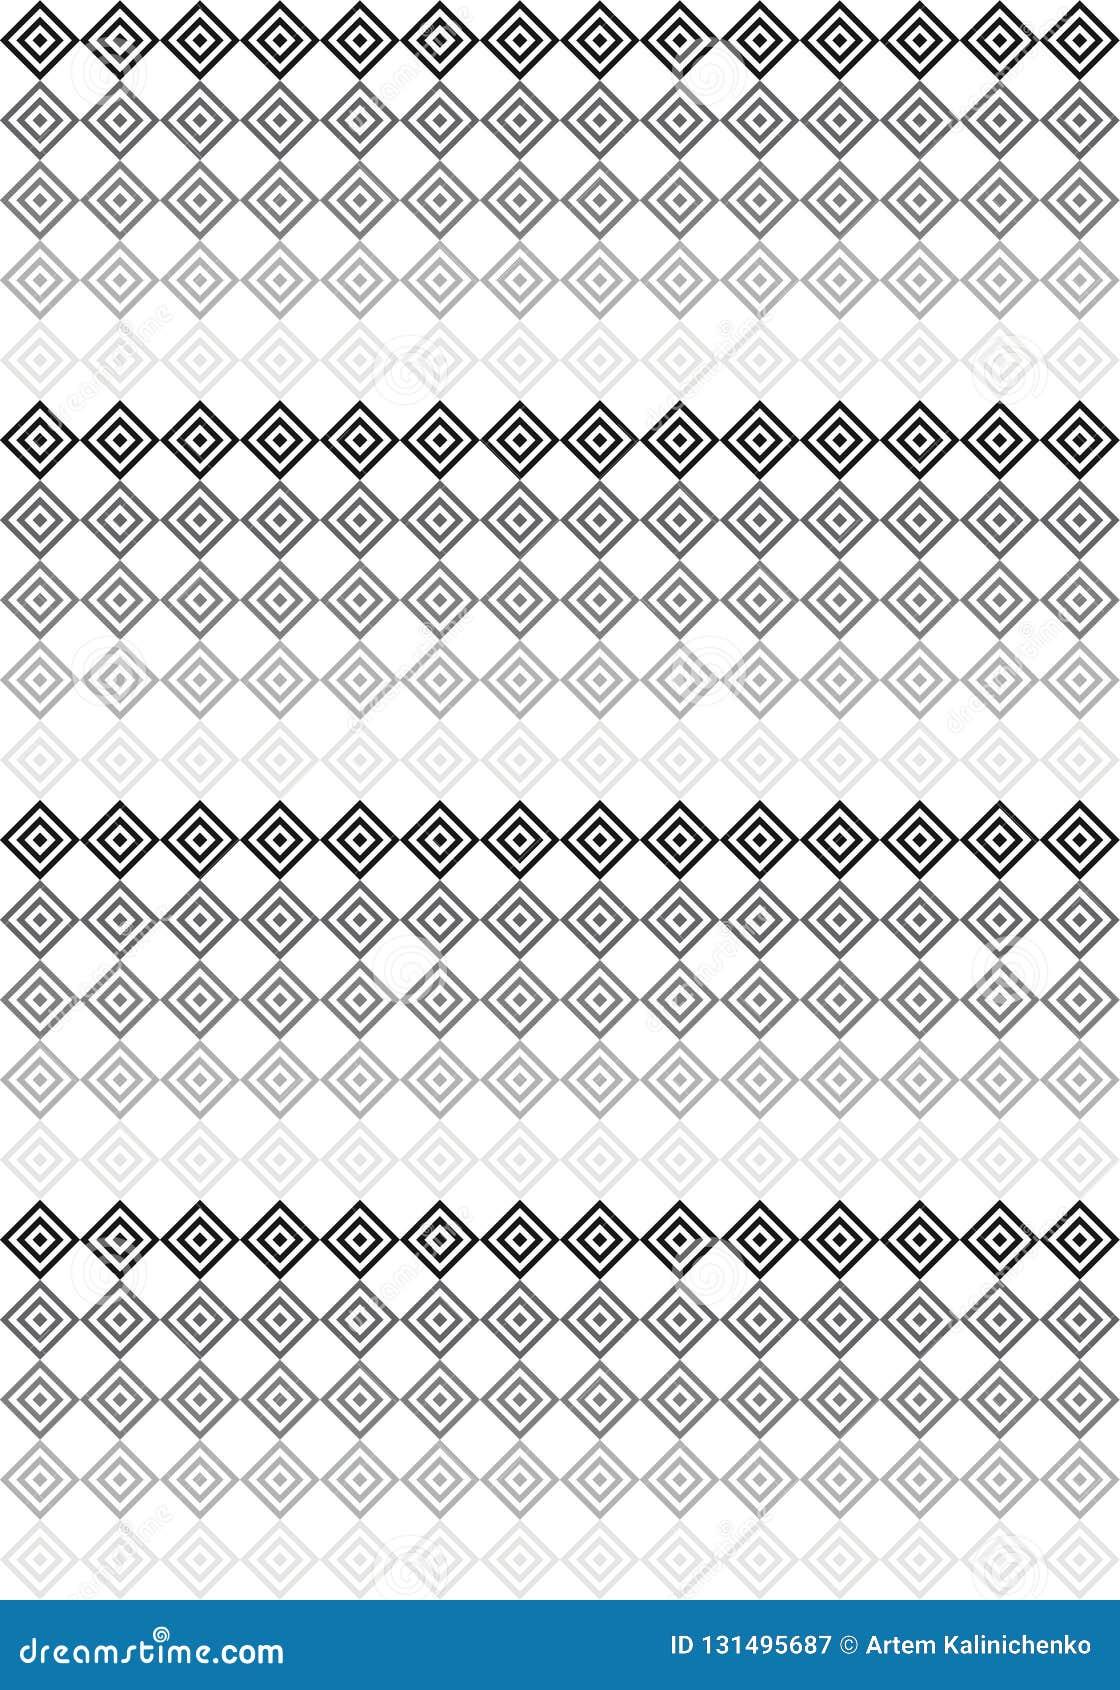 Μαύρο & άσπρο σχέδιο τετραγώνων